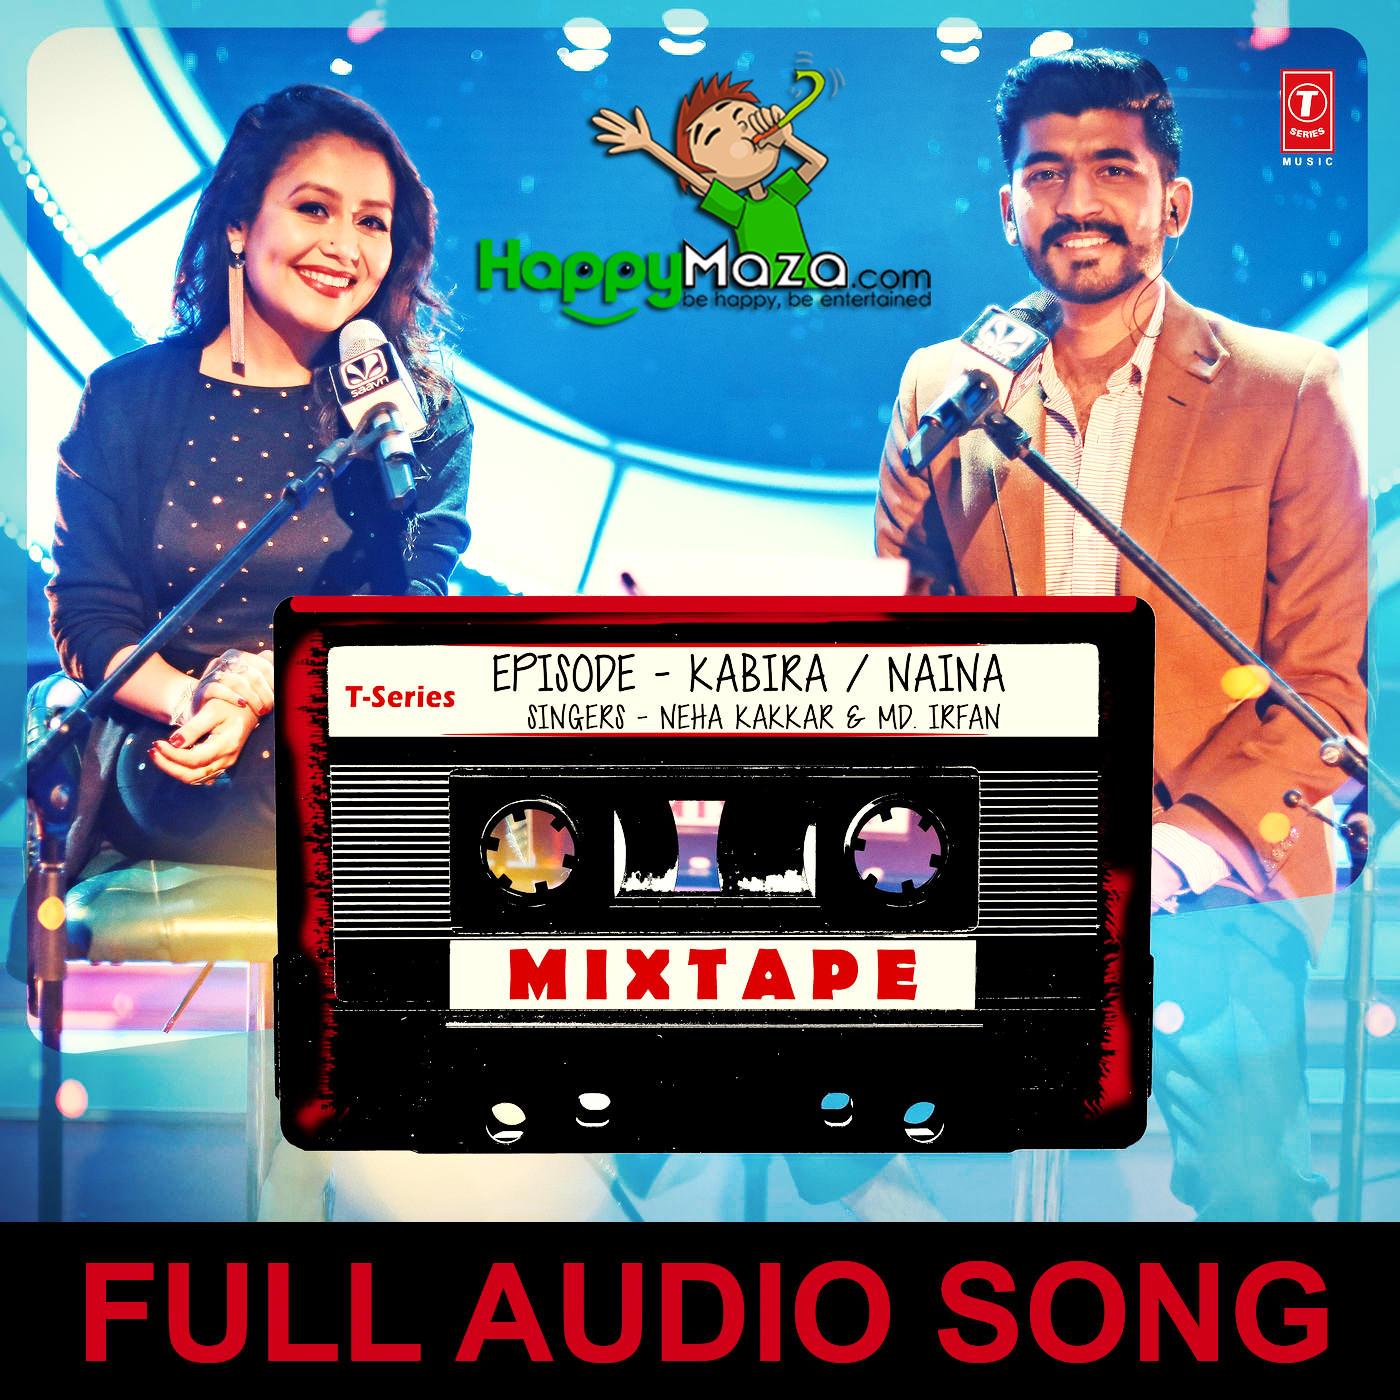 Ek Paas Hai Tu Babu Song Lyrics: Neha Kakkar, Mohammed Irfan